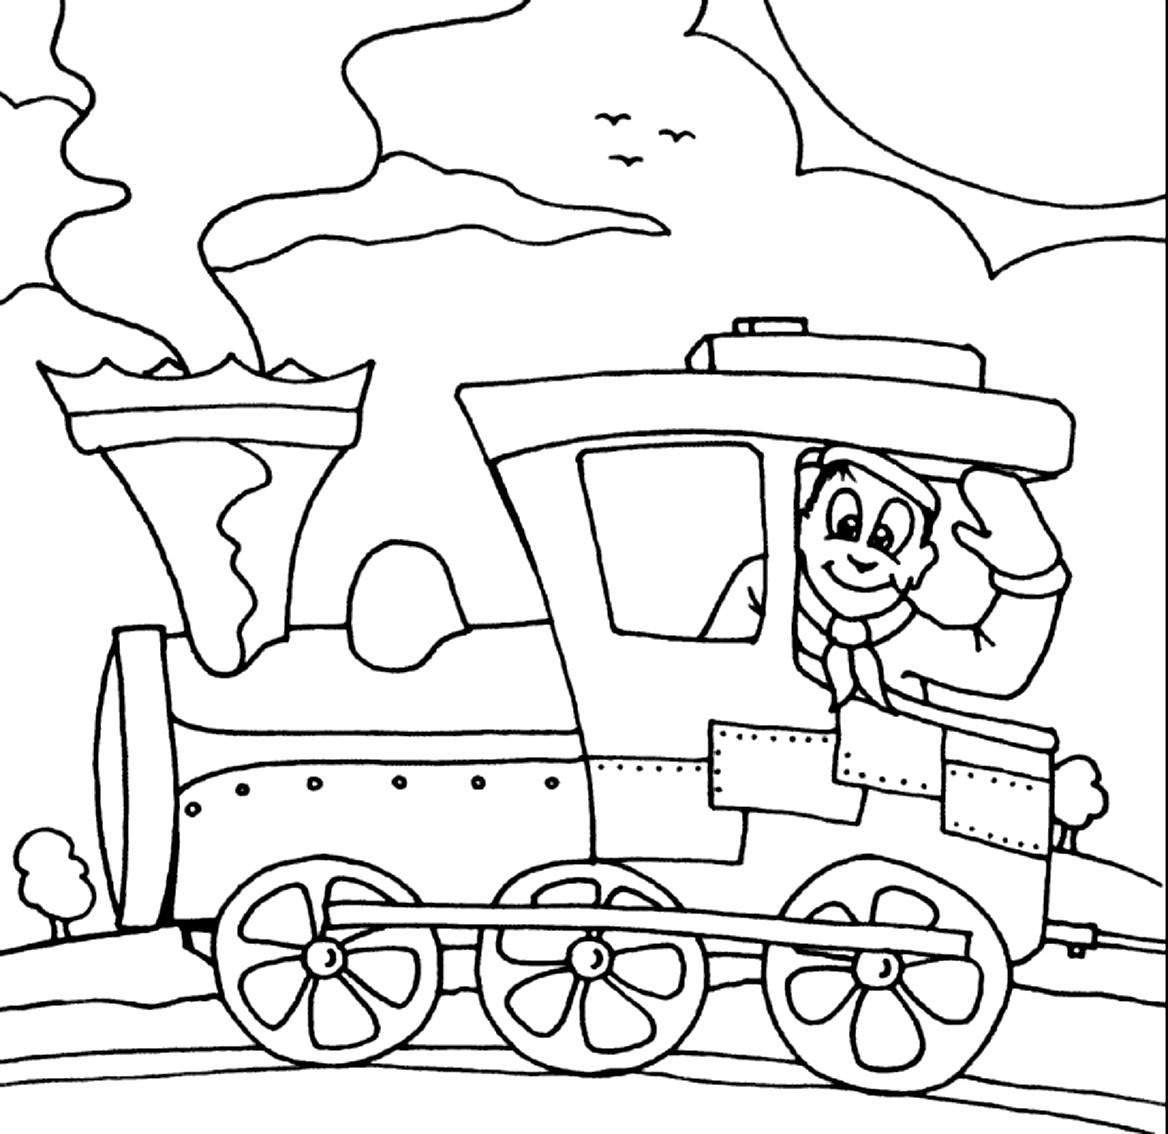 Dibujo 17 de trenes para imprimir y colorear